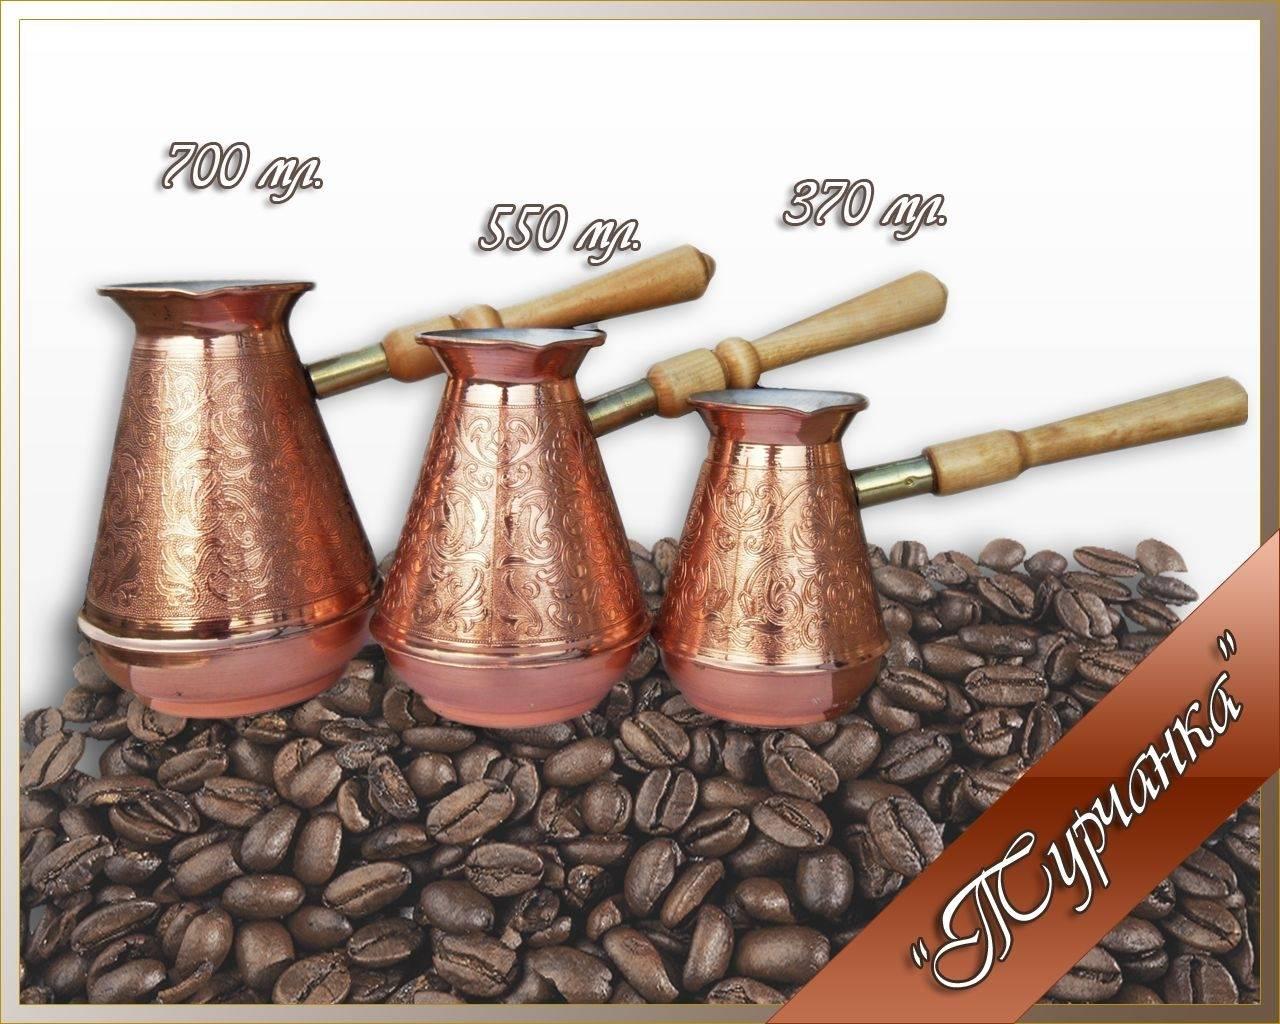 Какая турка для кофе лучше - материал, объем, ручка, дизайн